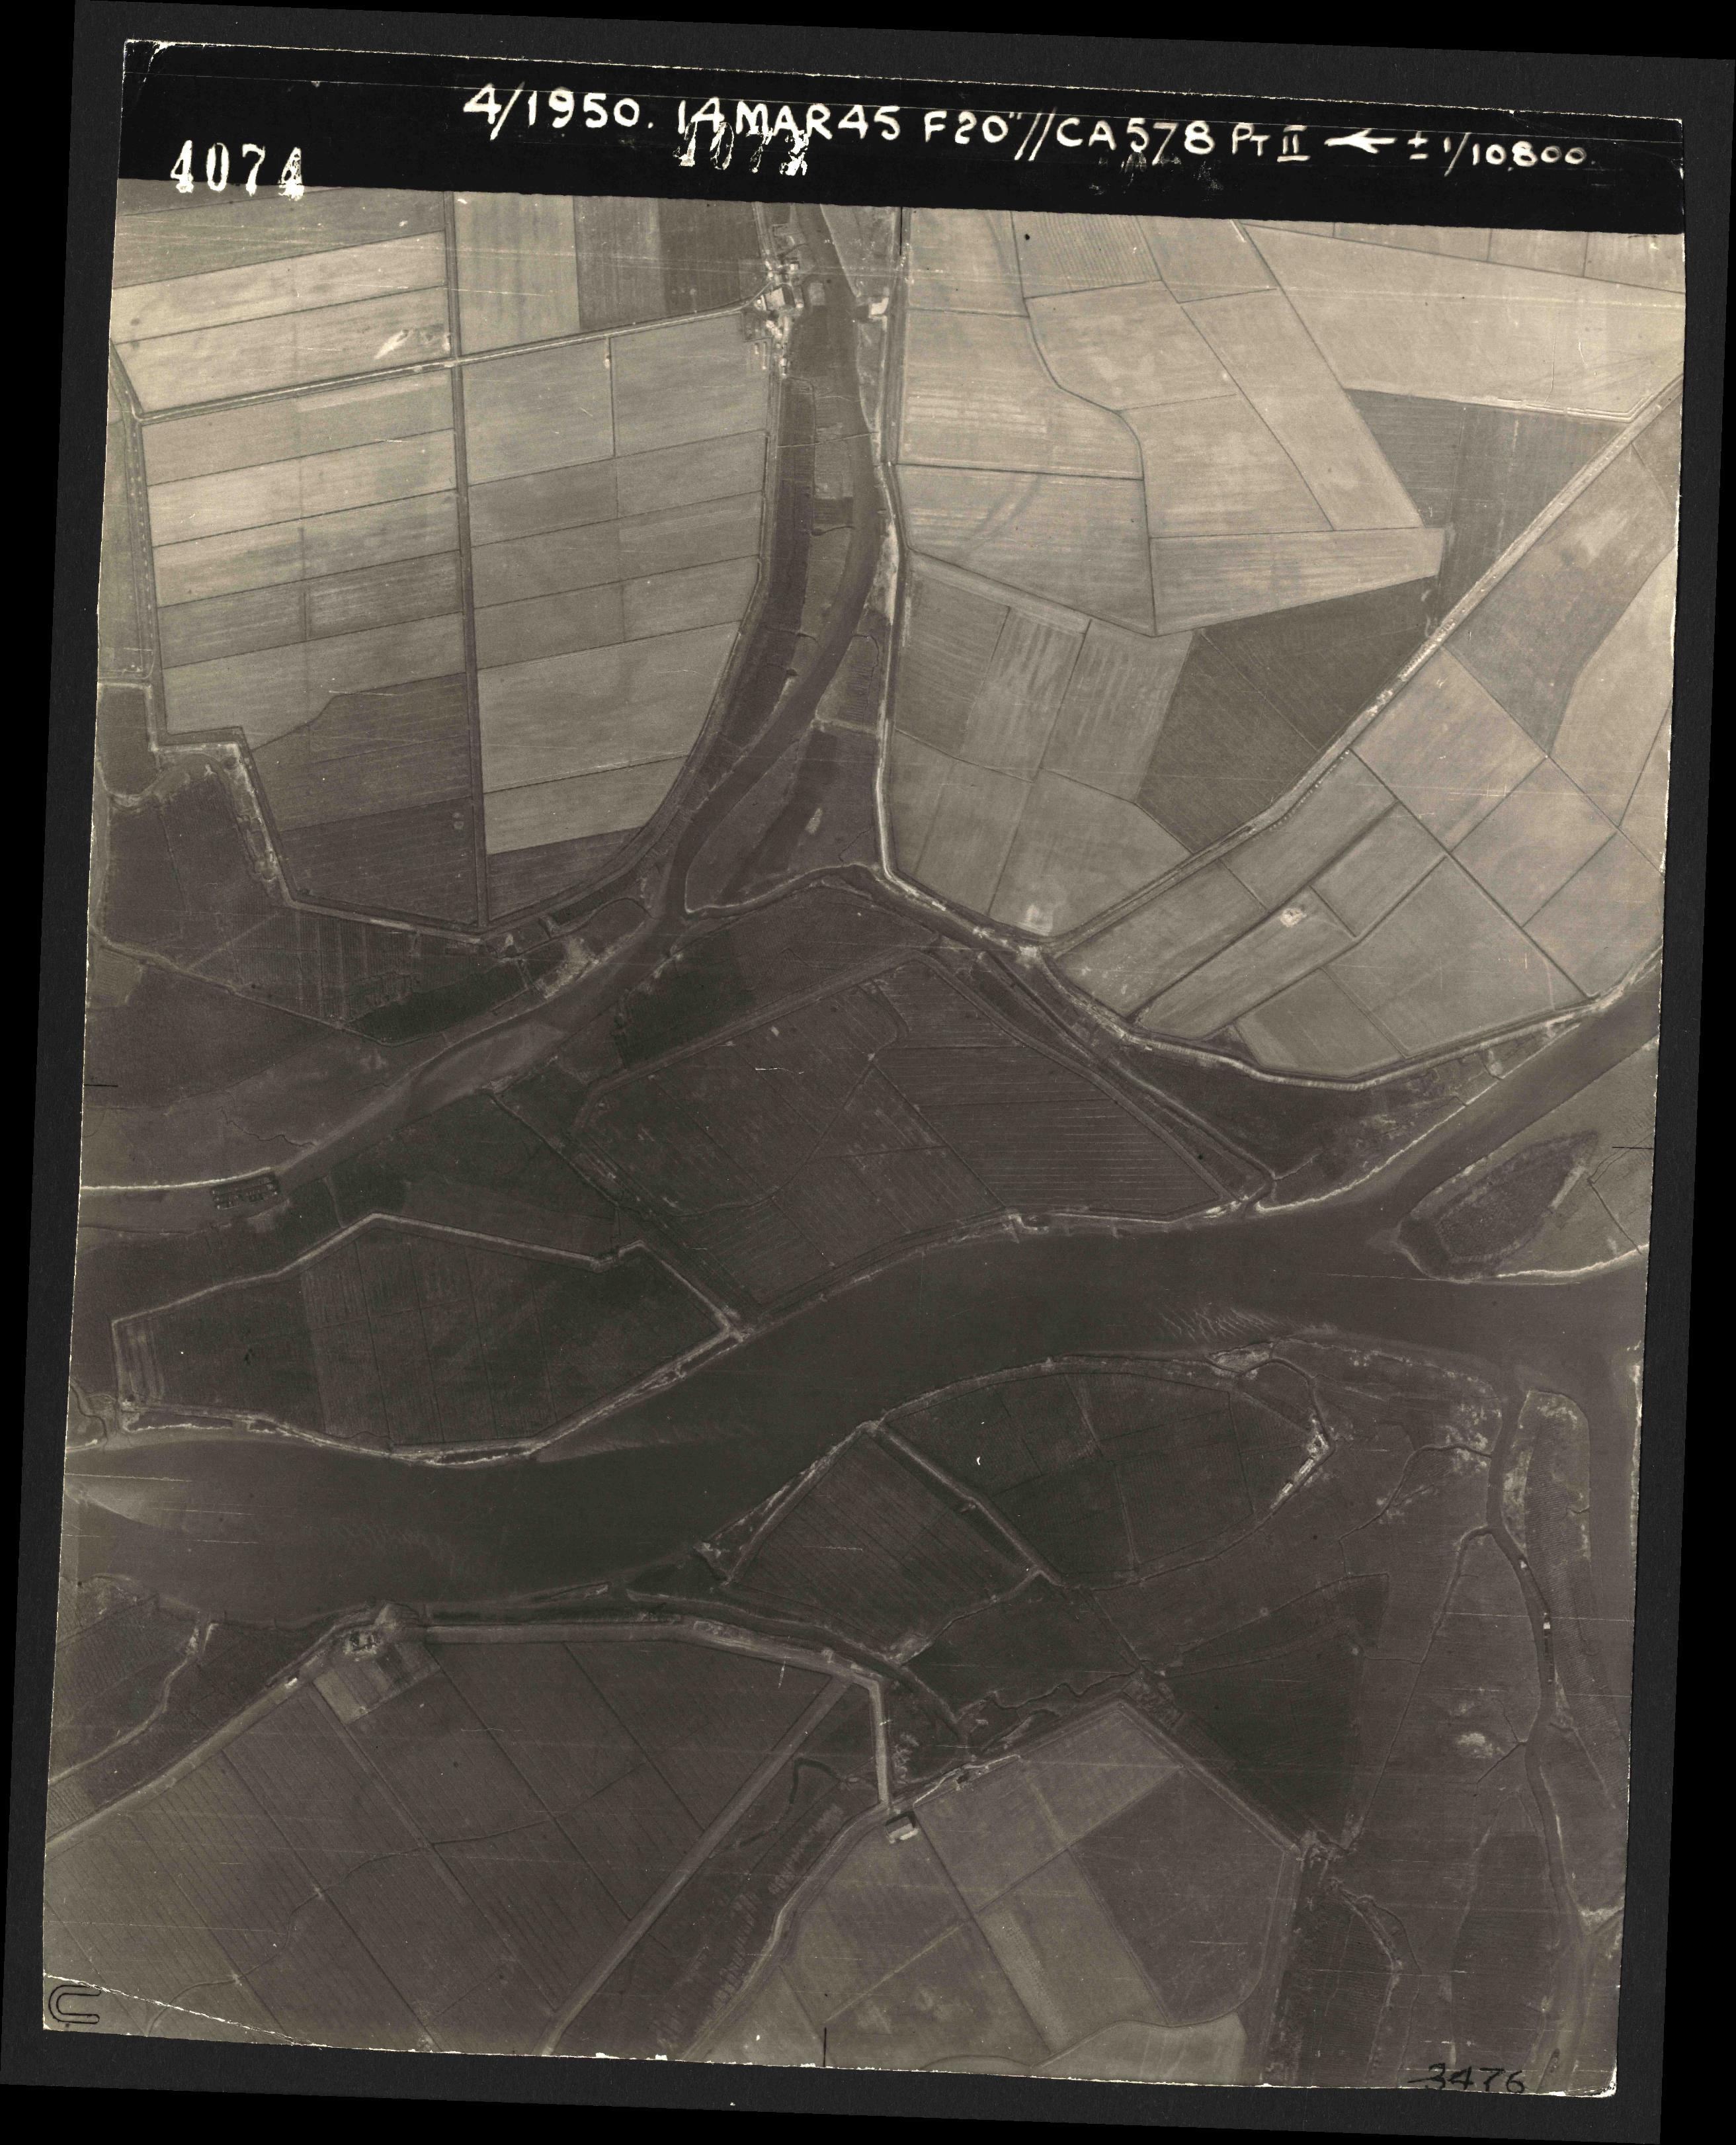 Collection RAF aerial photos 1940-1945 - flight 010, run 05, photo 4074